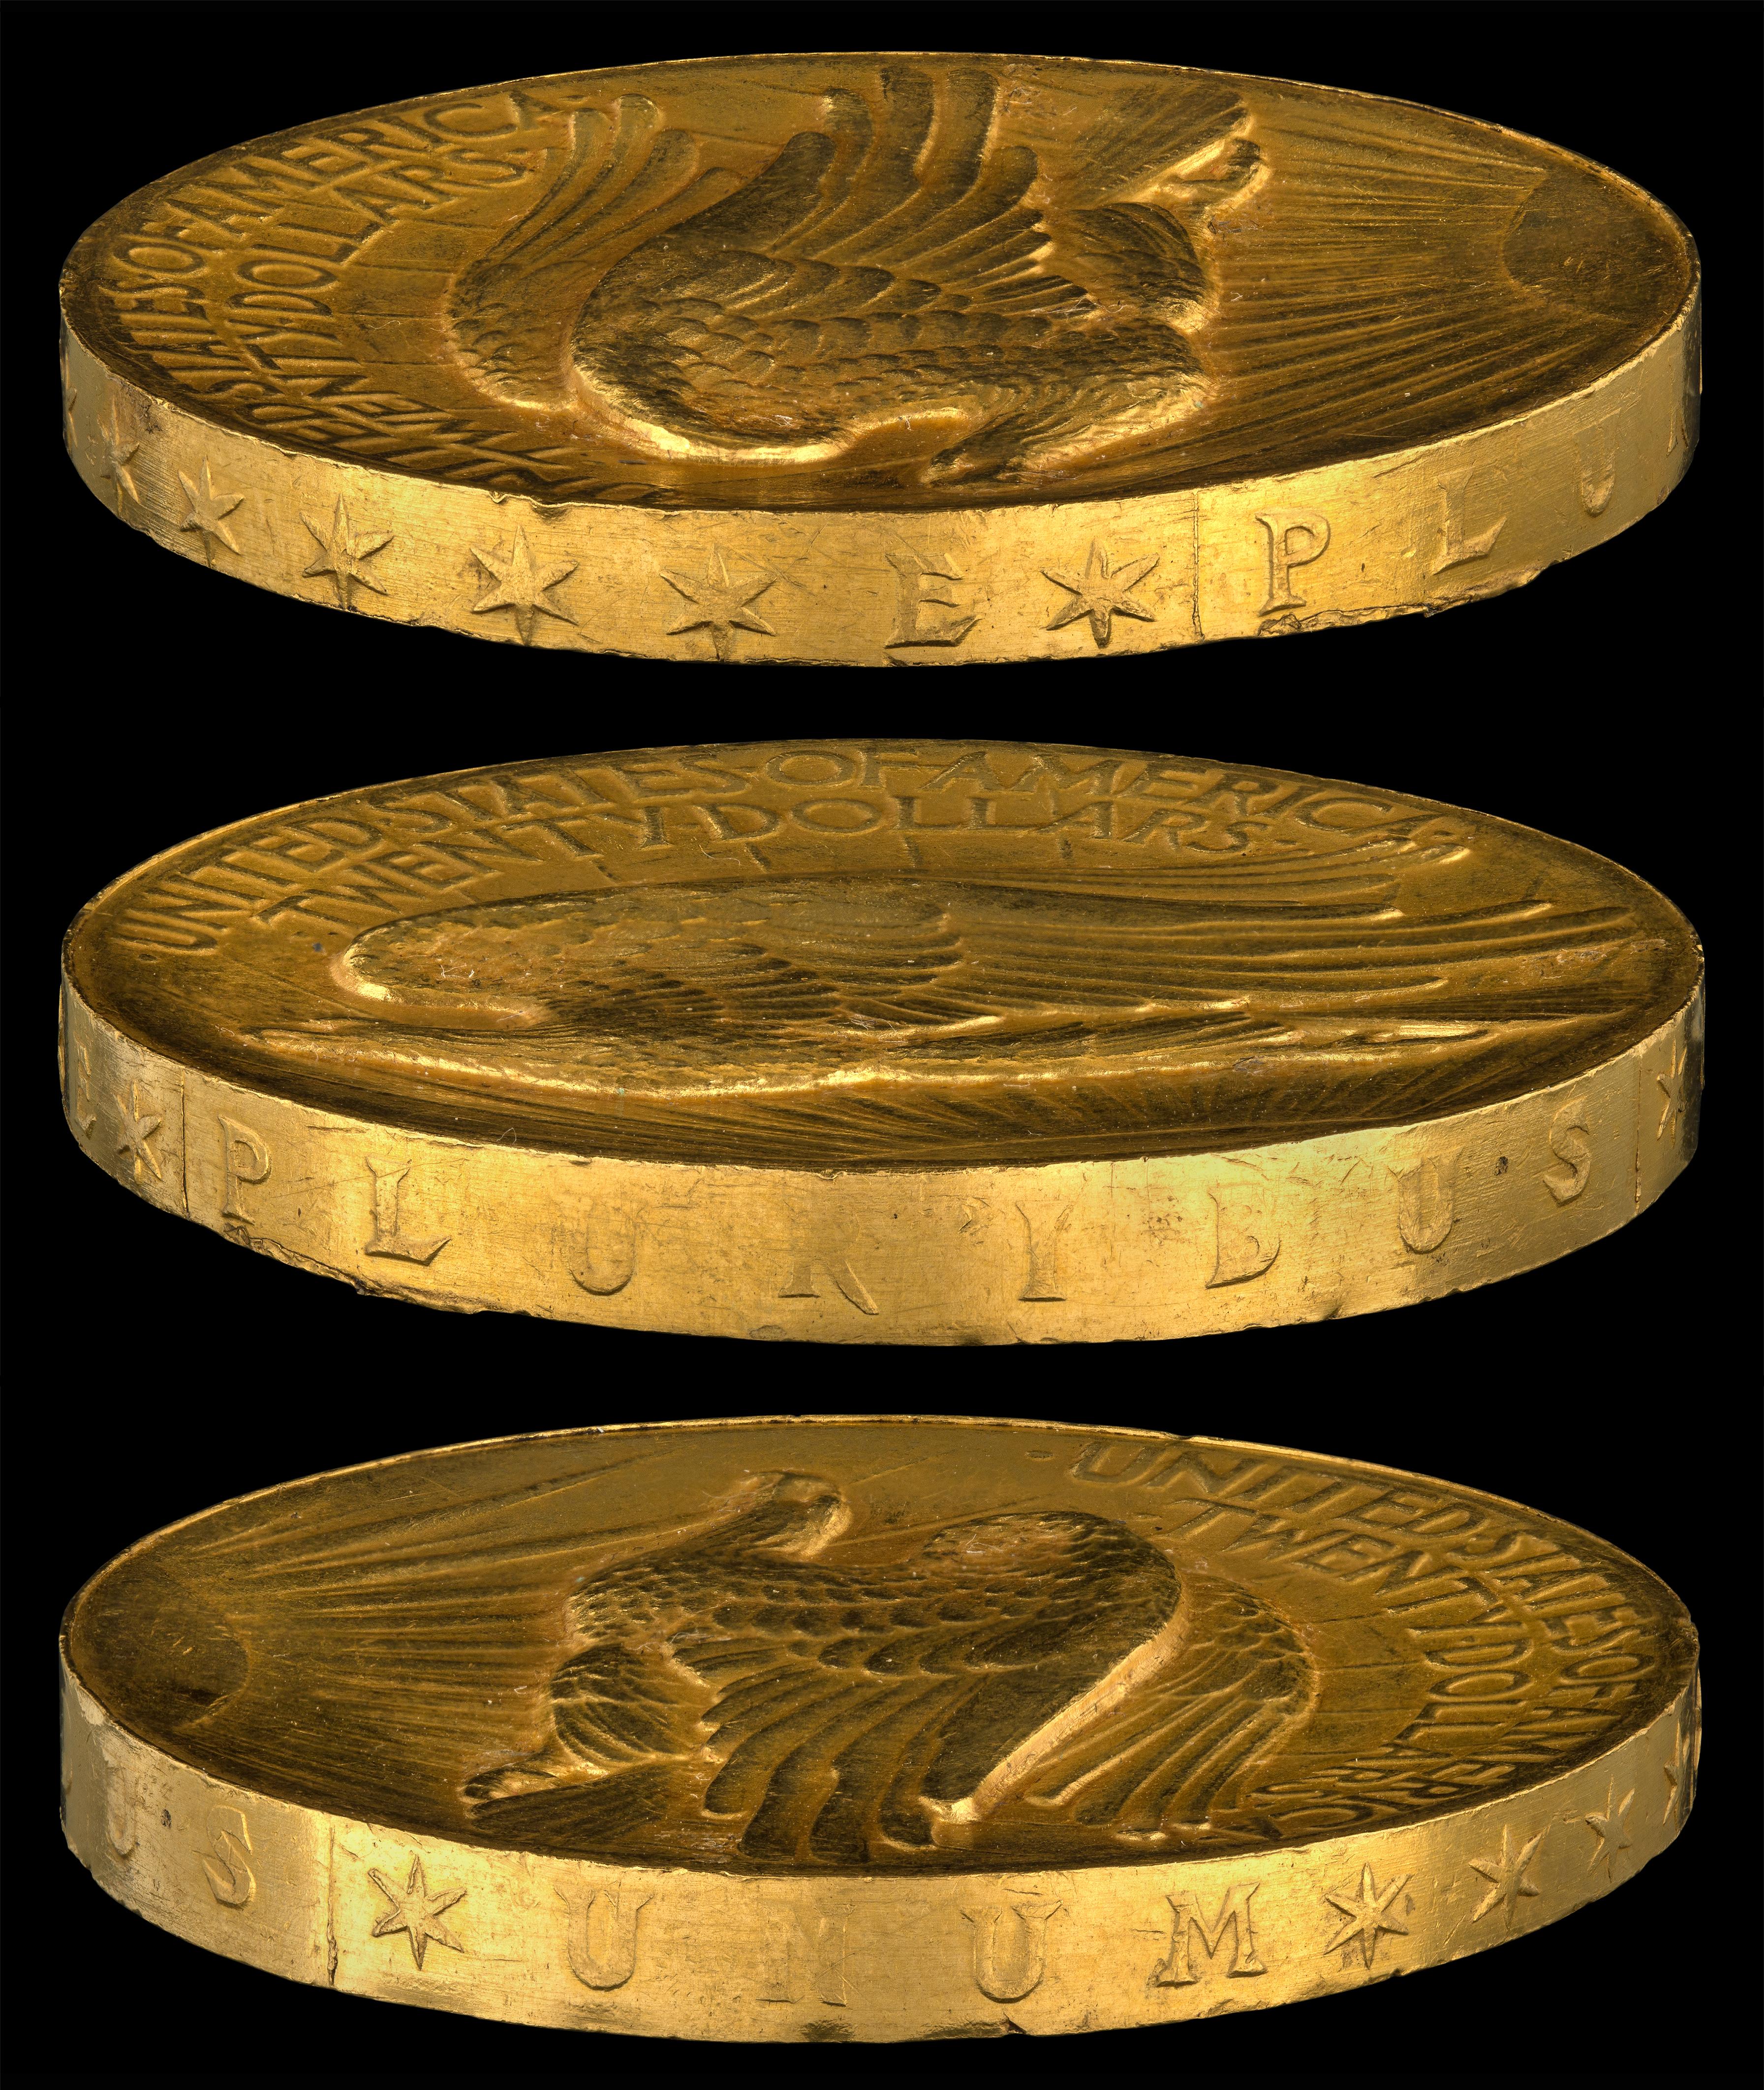 Double eagle - Wikipedia